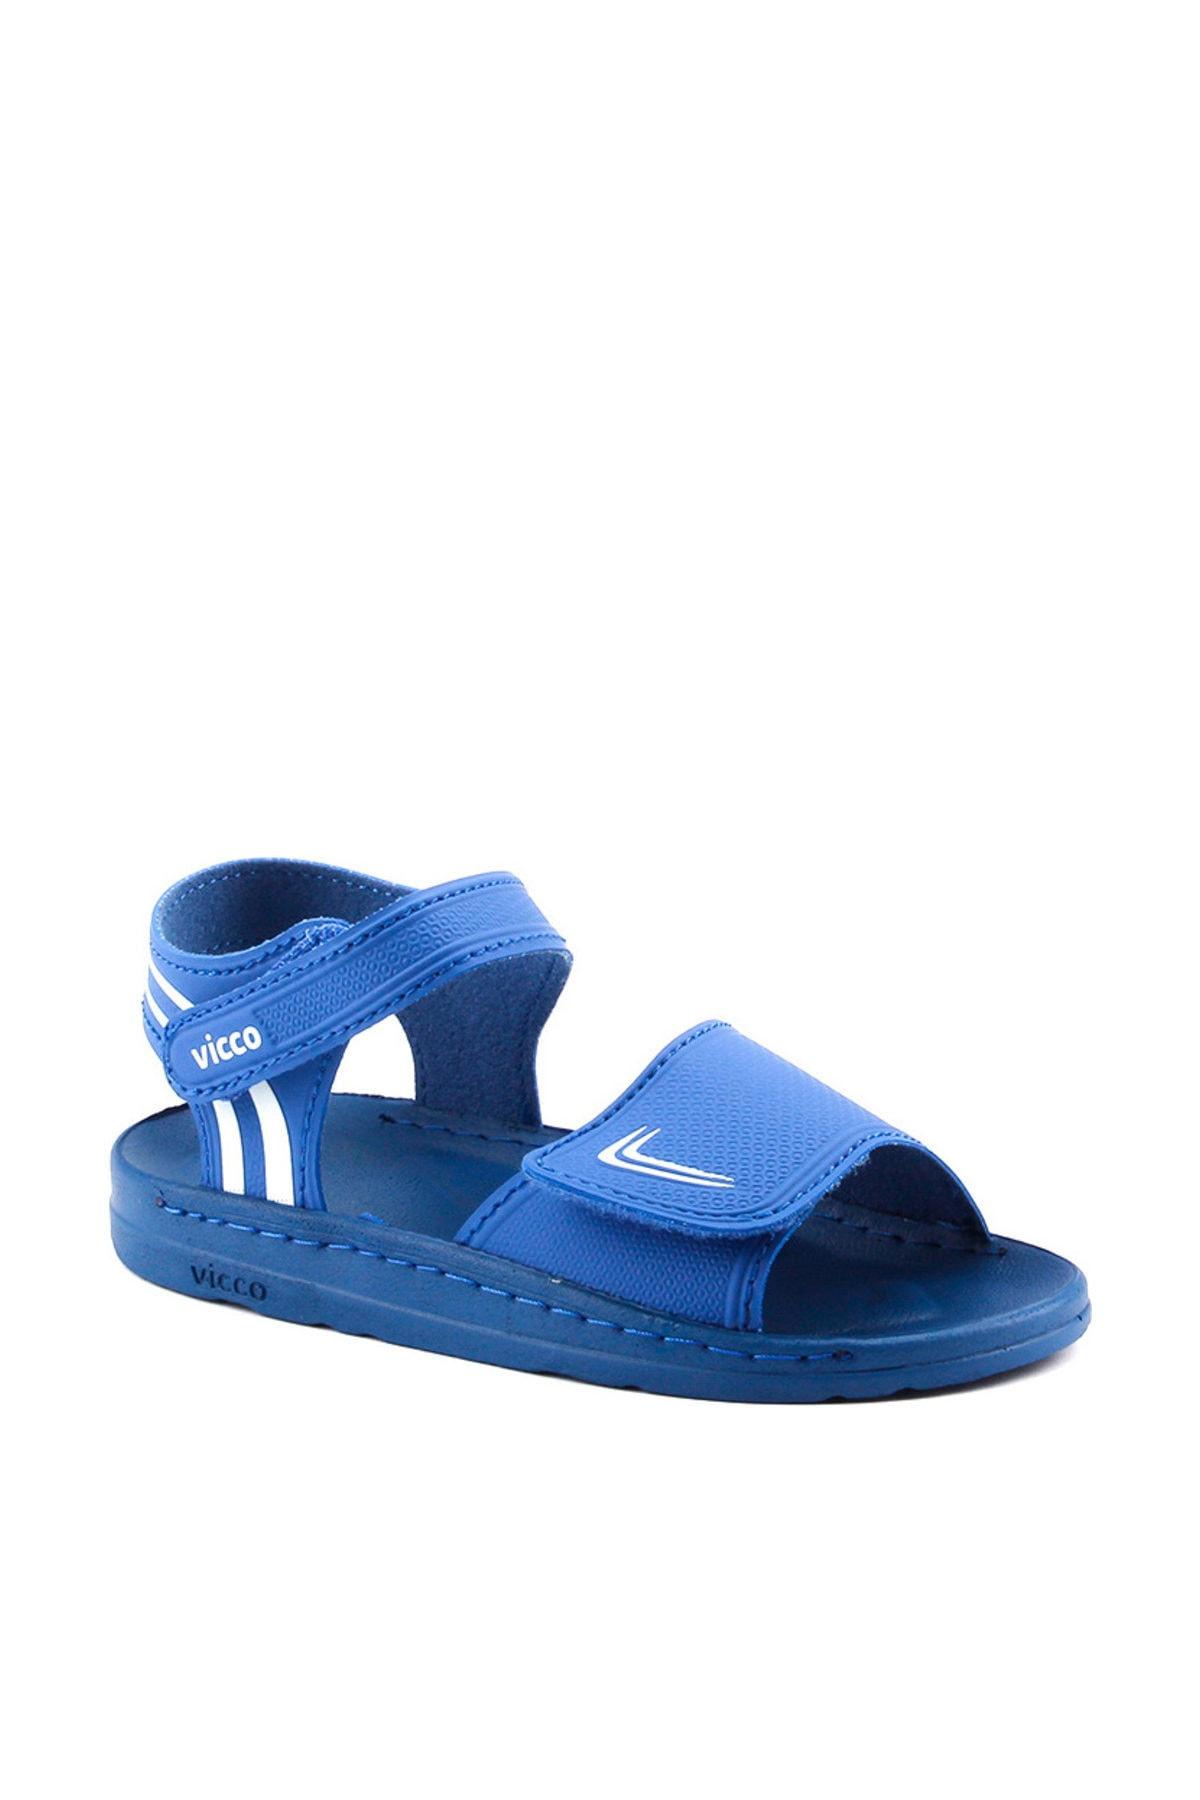 Saks Erkek Sandalet 18A02305